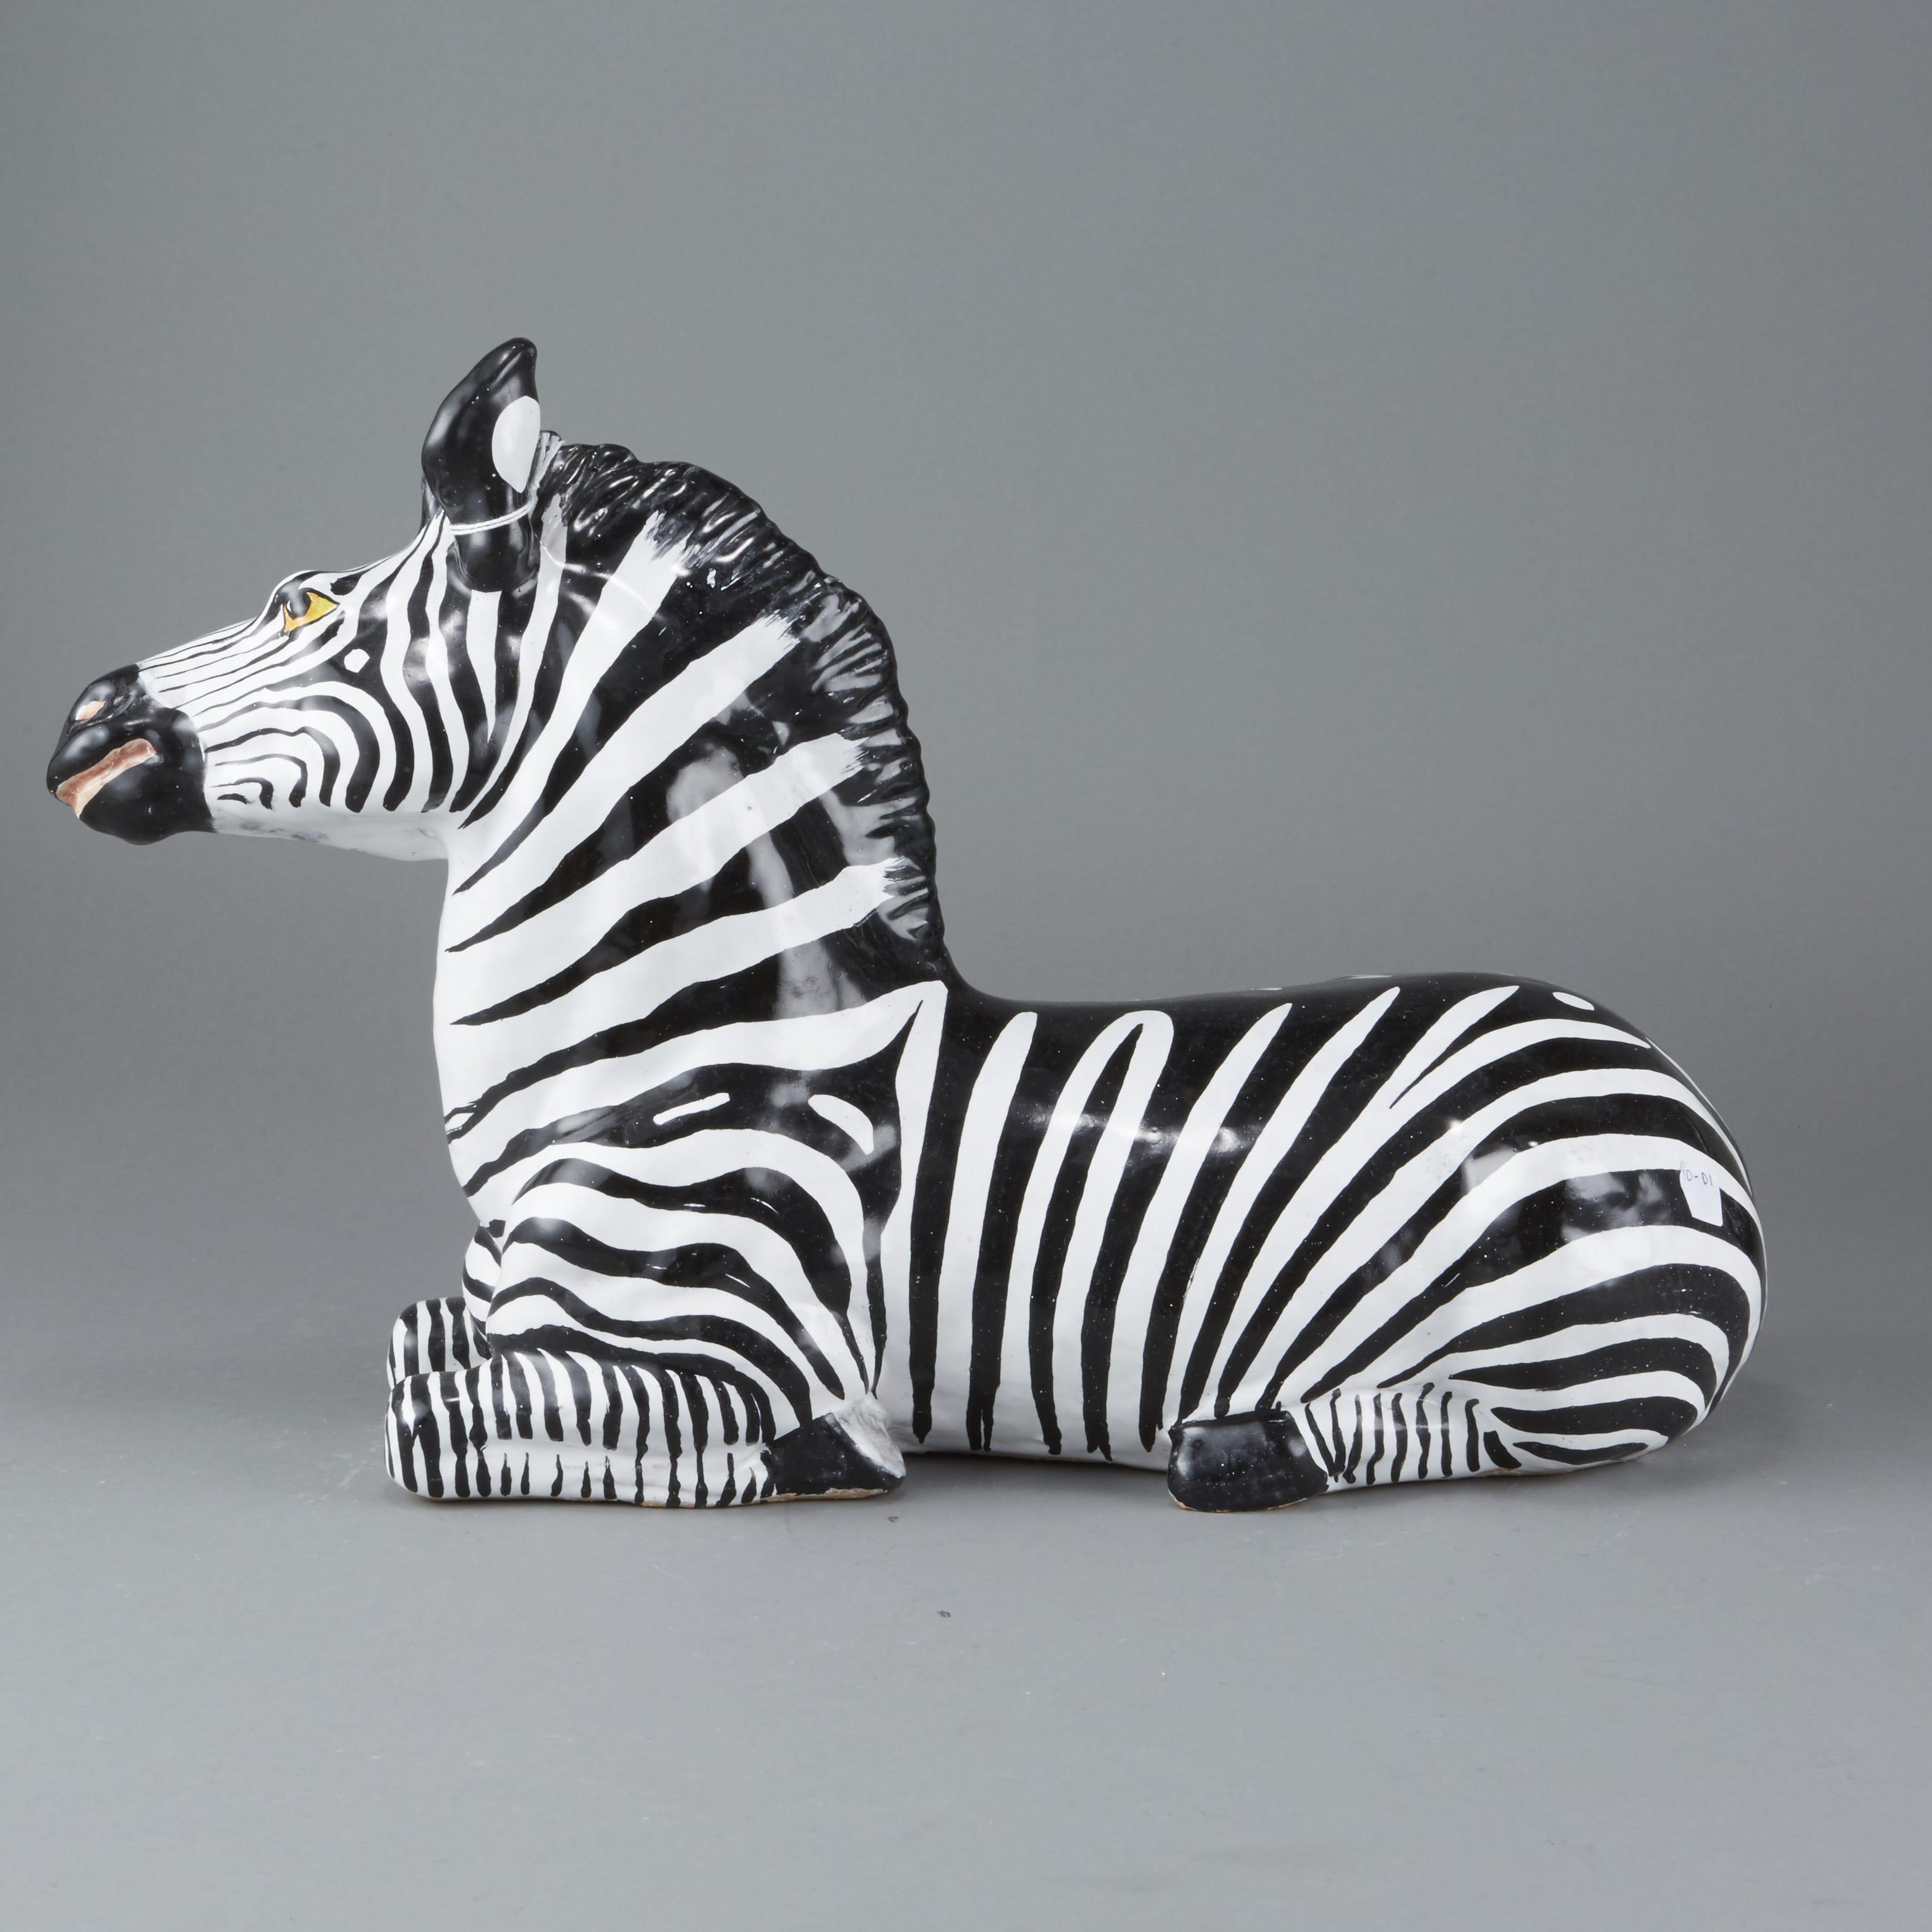 Lot 195: Mid-century Italian ceramic Zebra